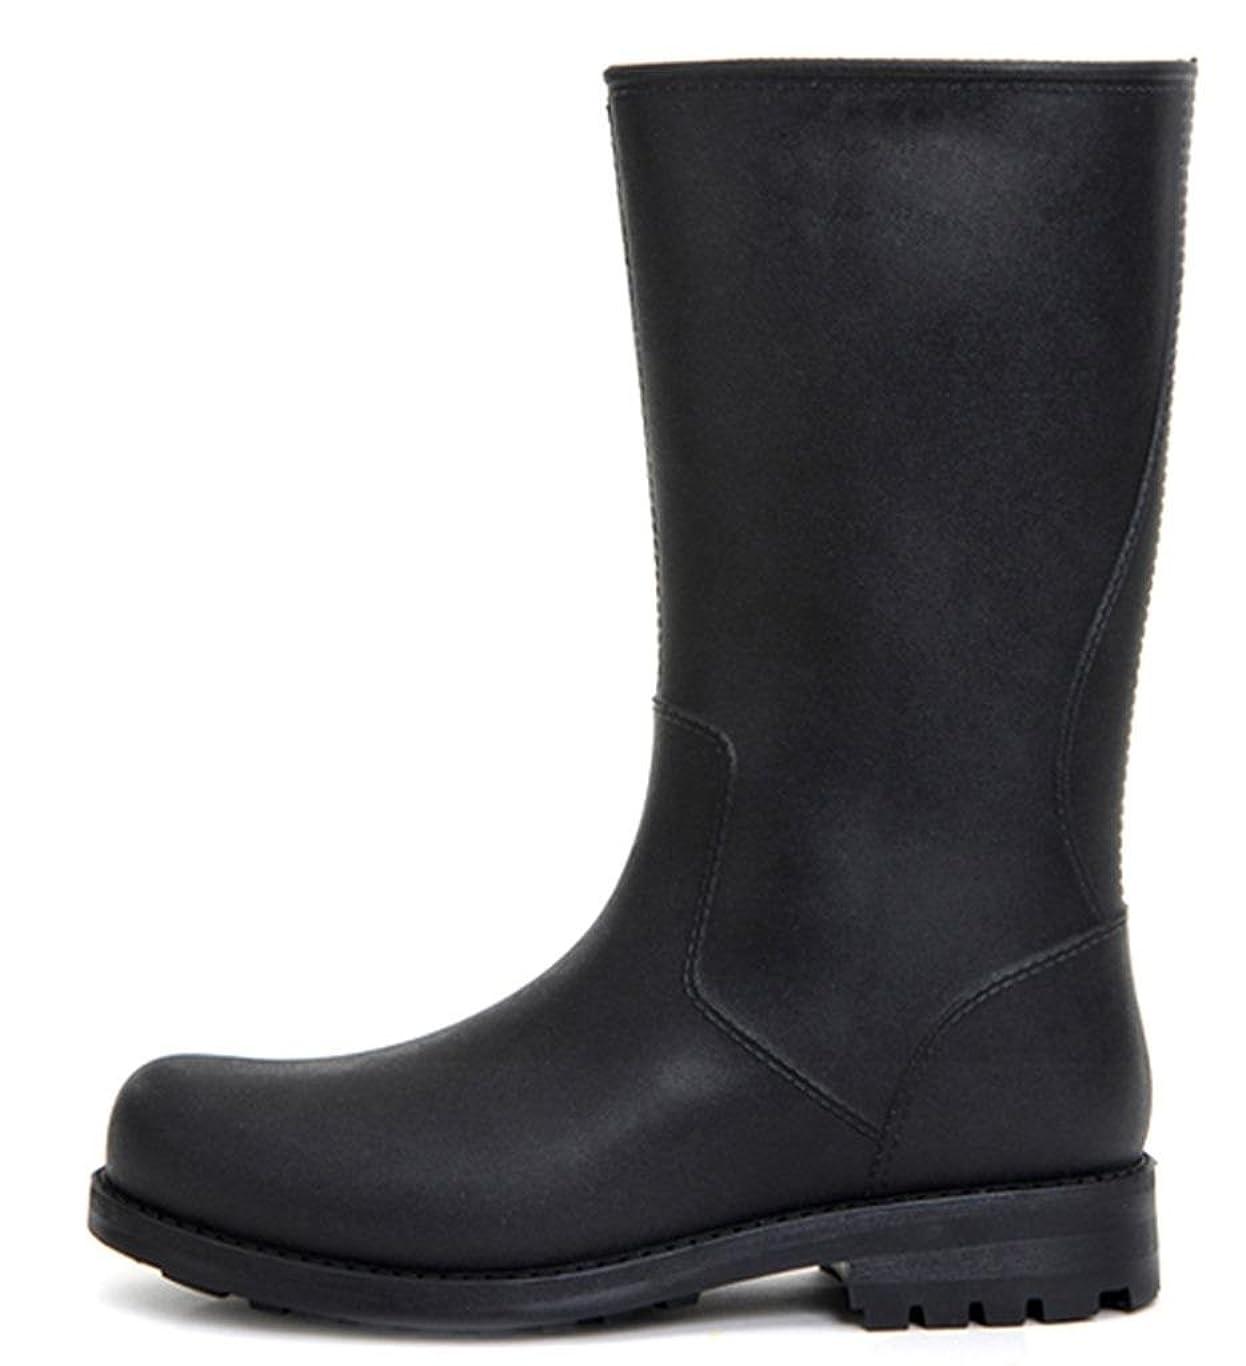 スクラップ序文交流する[Sfcsfly] レインシューズ カジュアル 男女兼用 シューズ 滑り止め レイングッズ 雨靴 ブーツ 作業靴 PVC